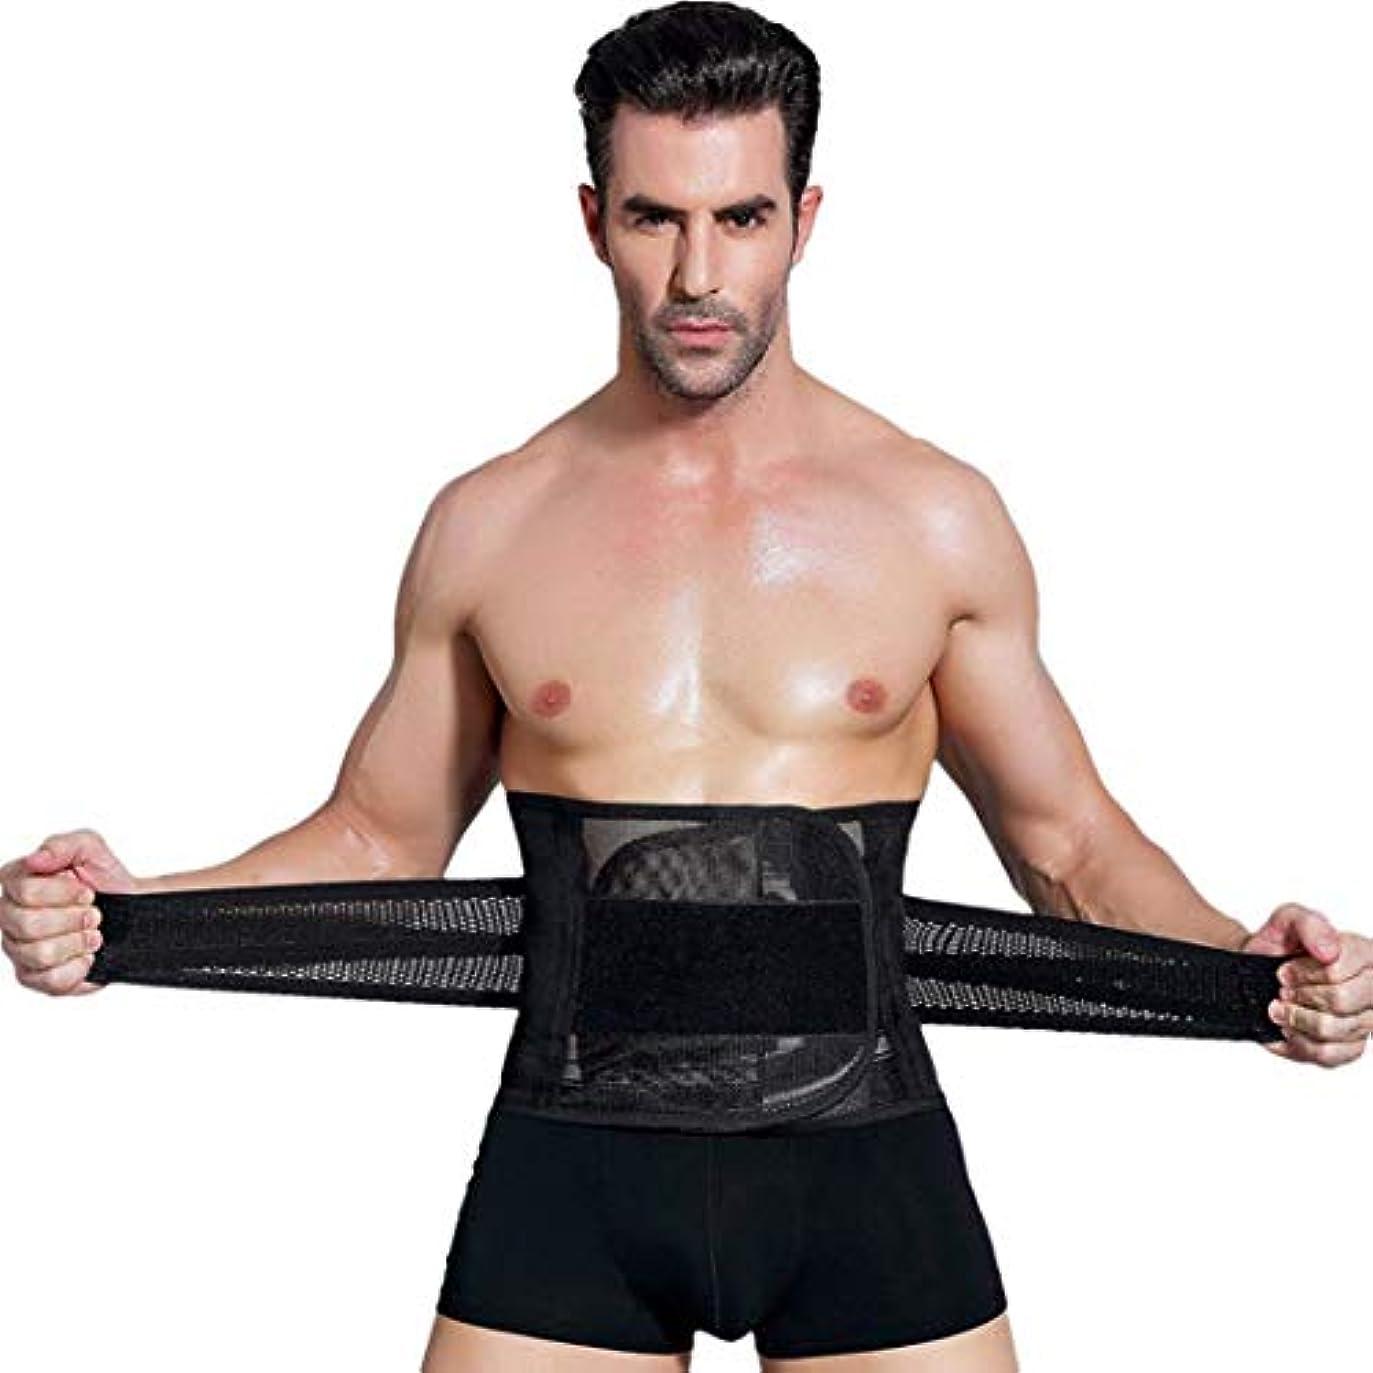 見て知覚的動機男性ボディシェイパーコルセット腹部おなかコントロールウエストトレーナーニッパー脂肪燃焼ガードル痩身腹ベルト用男性 - ブラックXXL